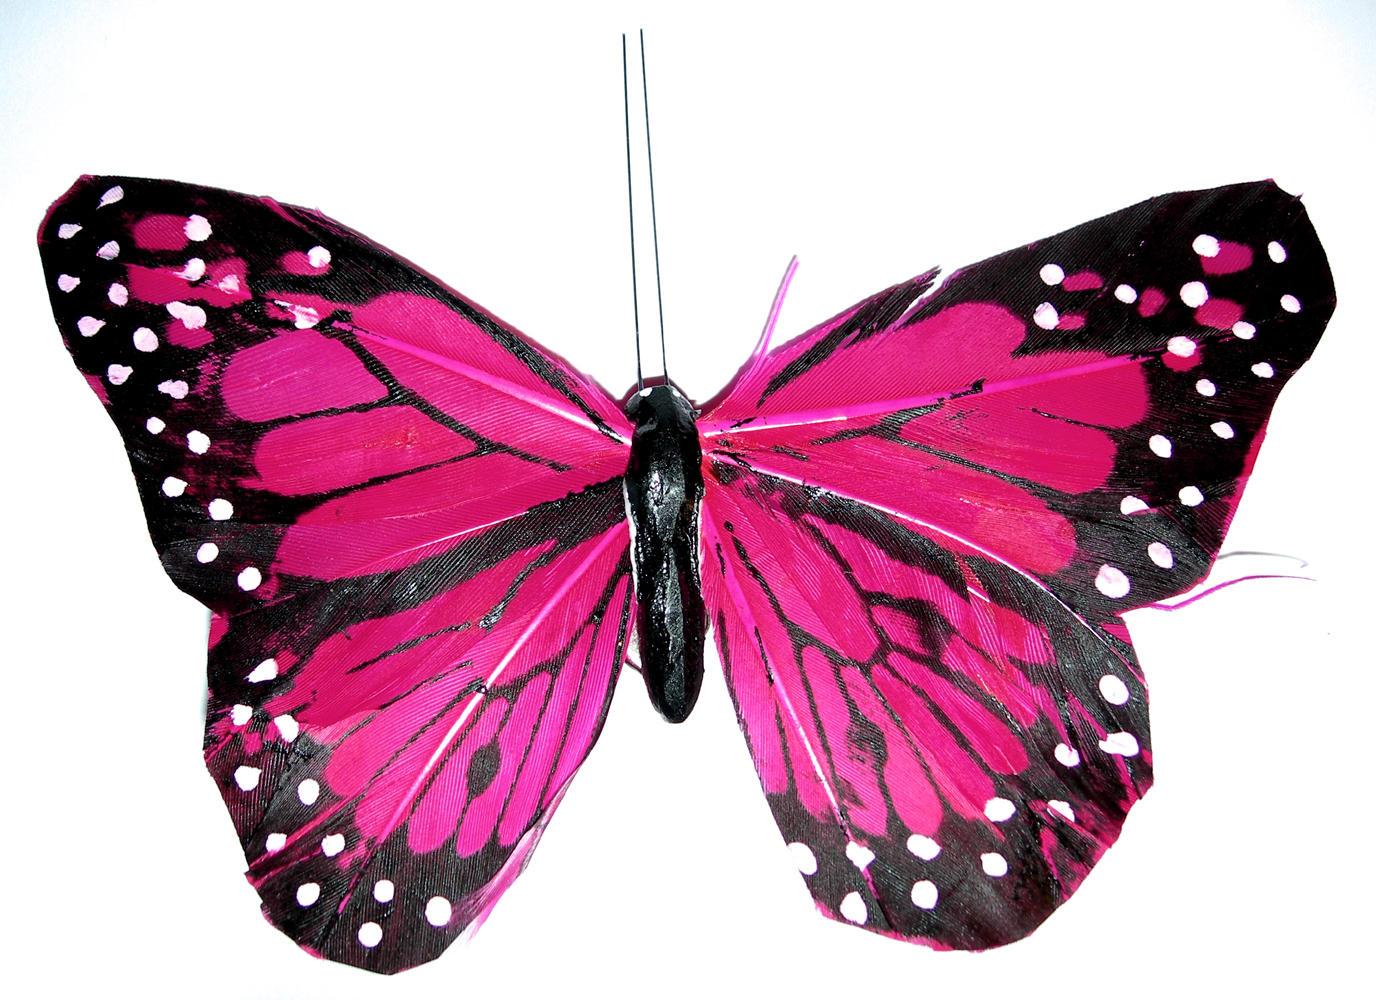 butterfly_pink by kuschelirmel-stock on DeviantArt